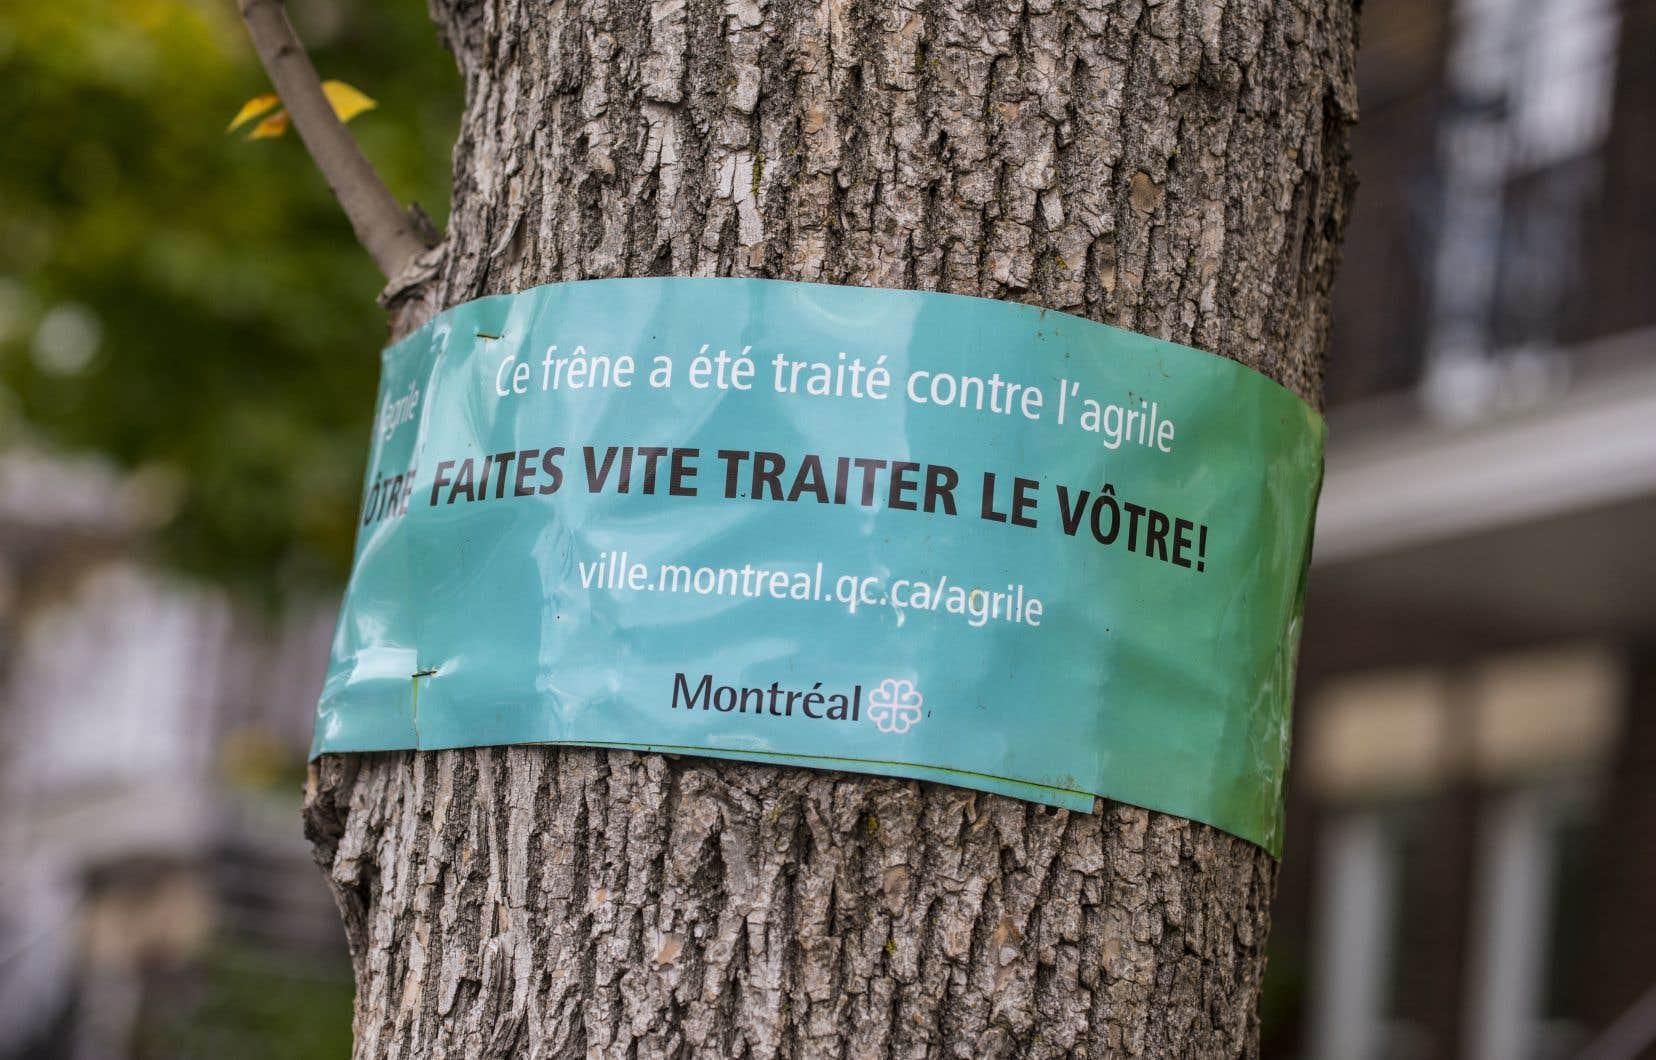 L'an dernier, la Ville de Montréal a traité 26 830 frênes publics et 3864 frênes situés sur des propriétés privées.